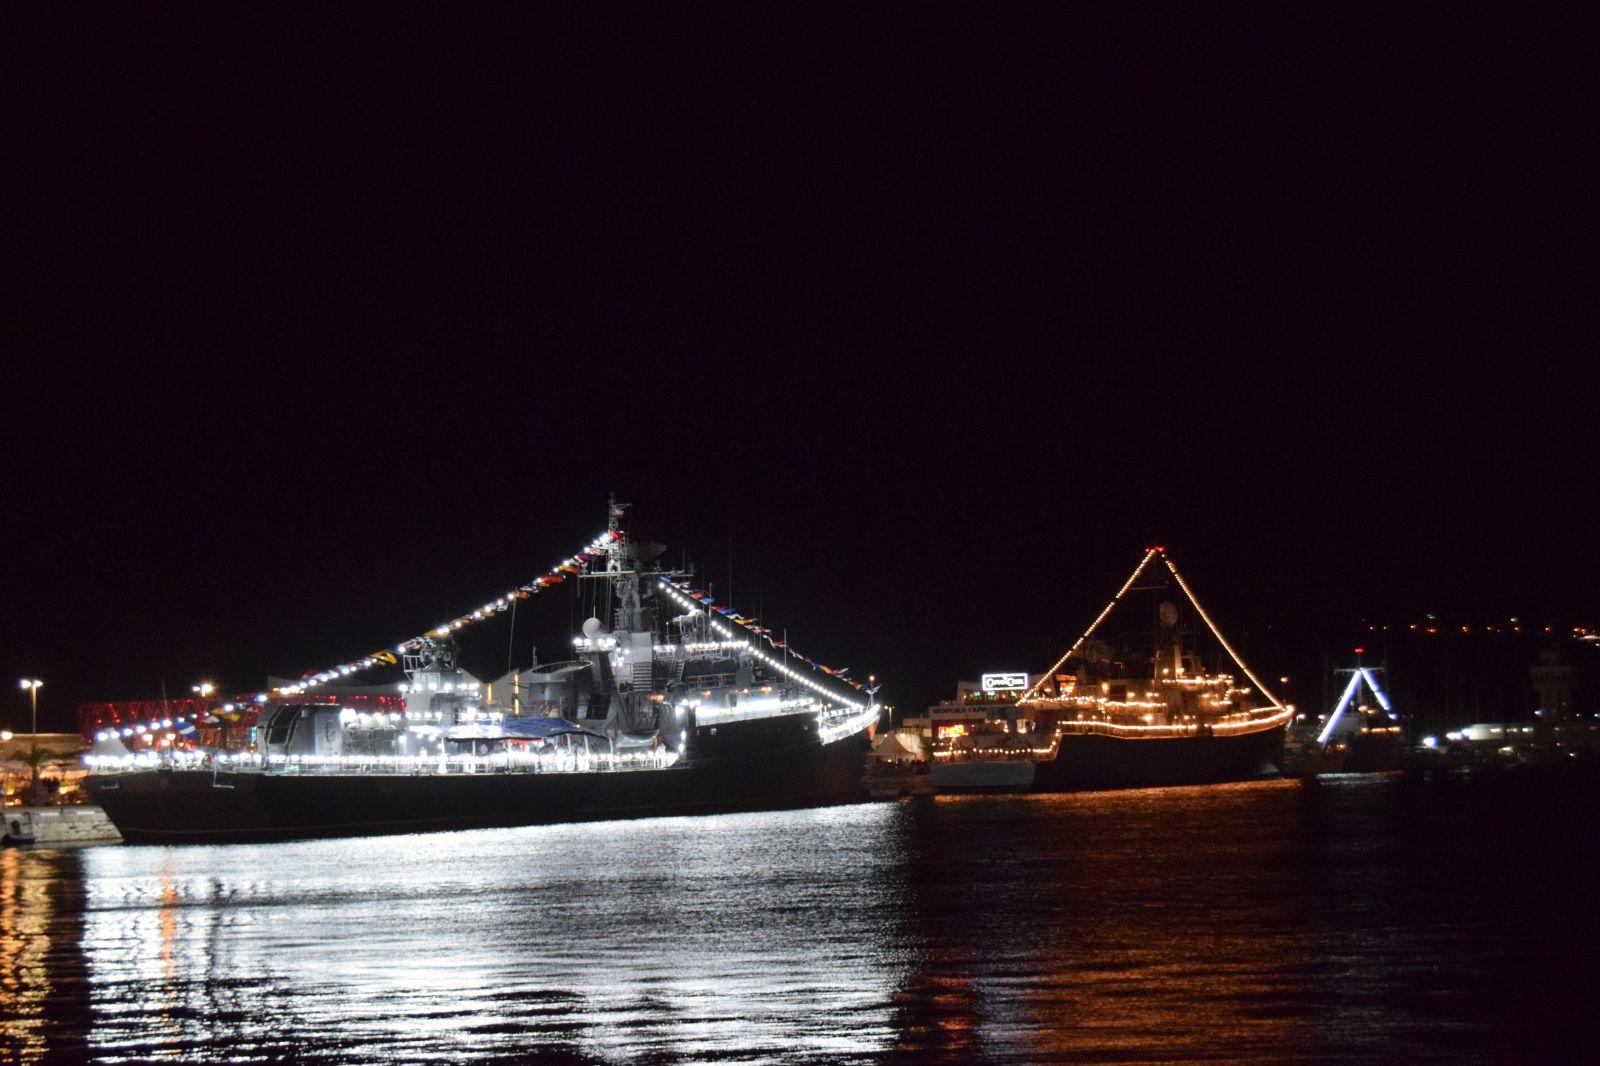 Нощната феерия на празника на ВМС с осветление и заря (ГОЛЯМА НОЩНА ПРИСТАНИЩНА ГАЛЕРИЯ)